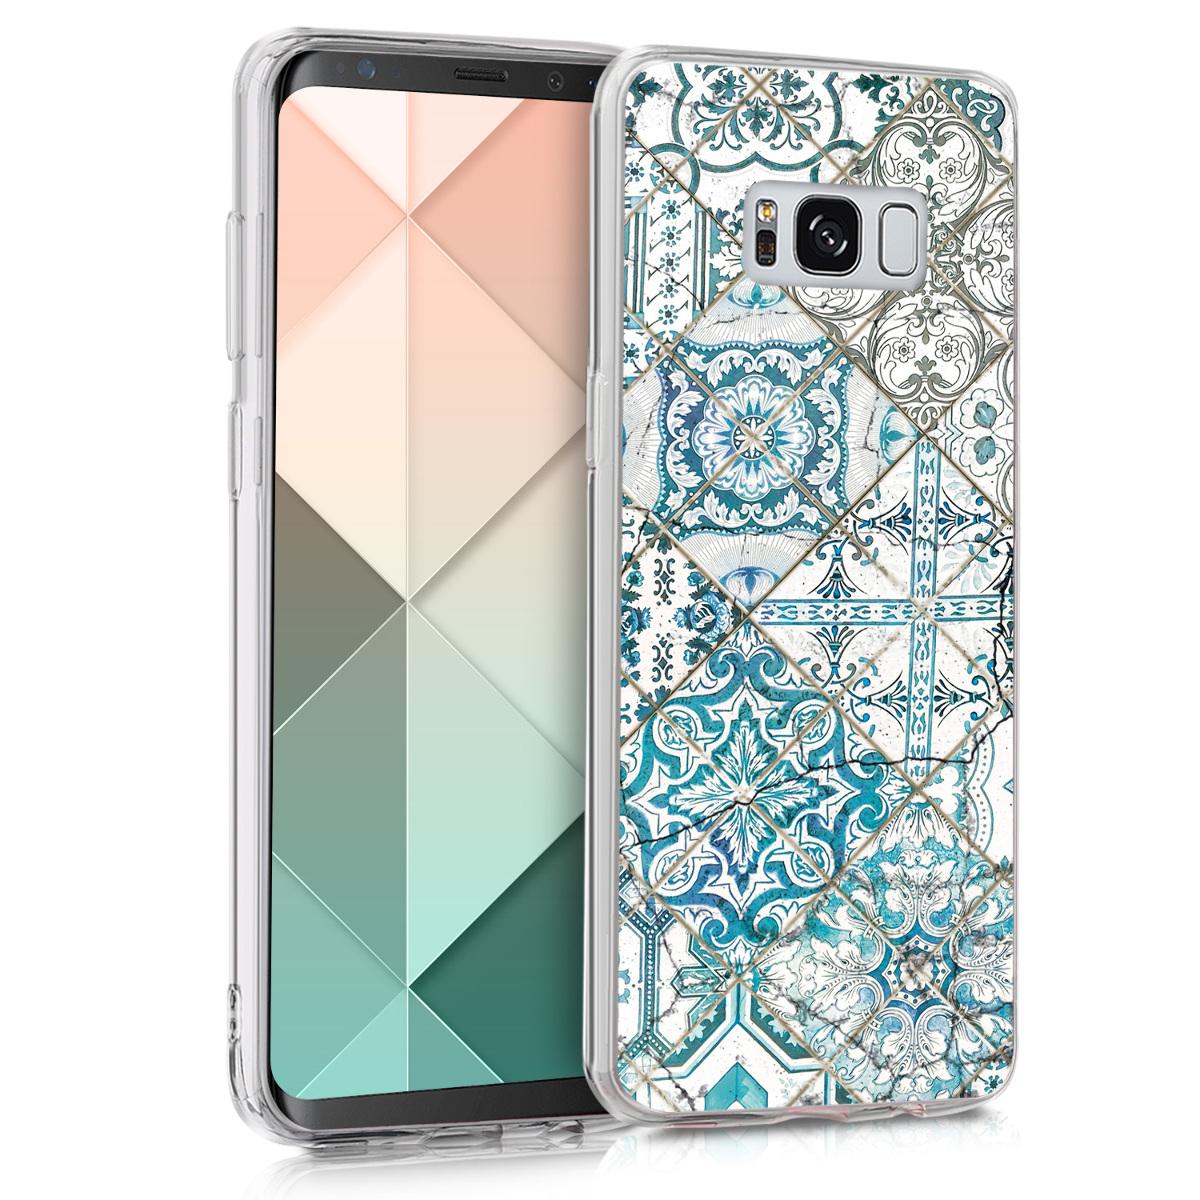 Kvalitní silikonové TPU pouzdro pro Samsung S8 - Moroccan Vibes monochromaticky modré / šedé / bílá